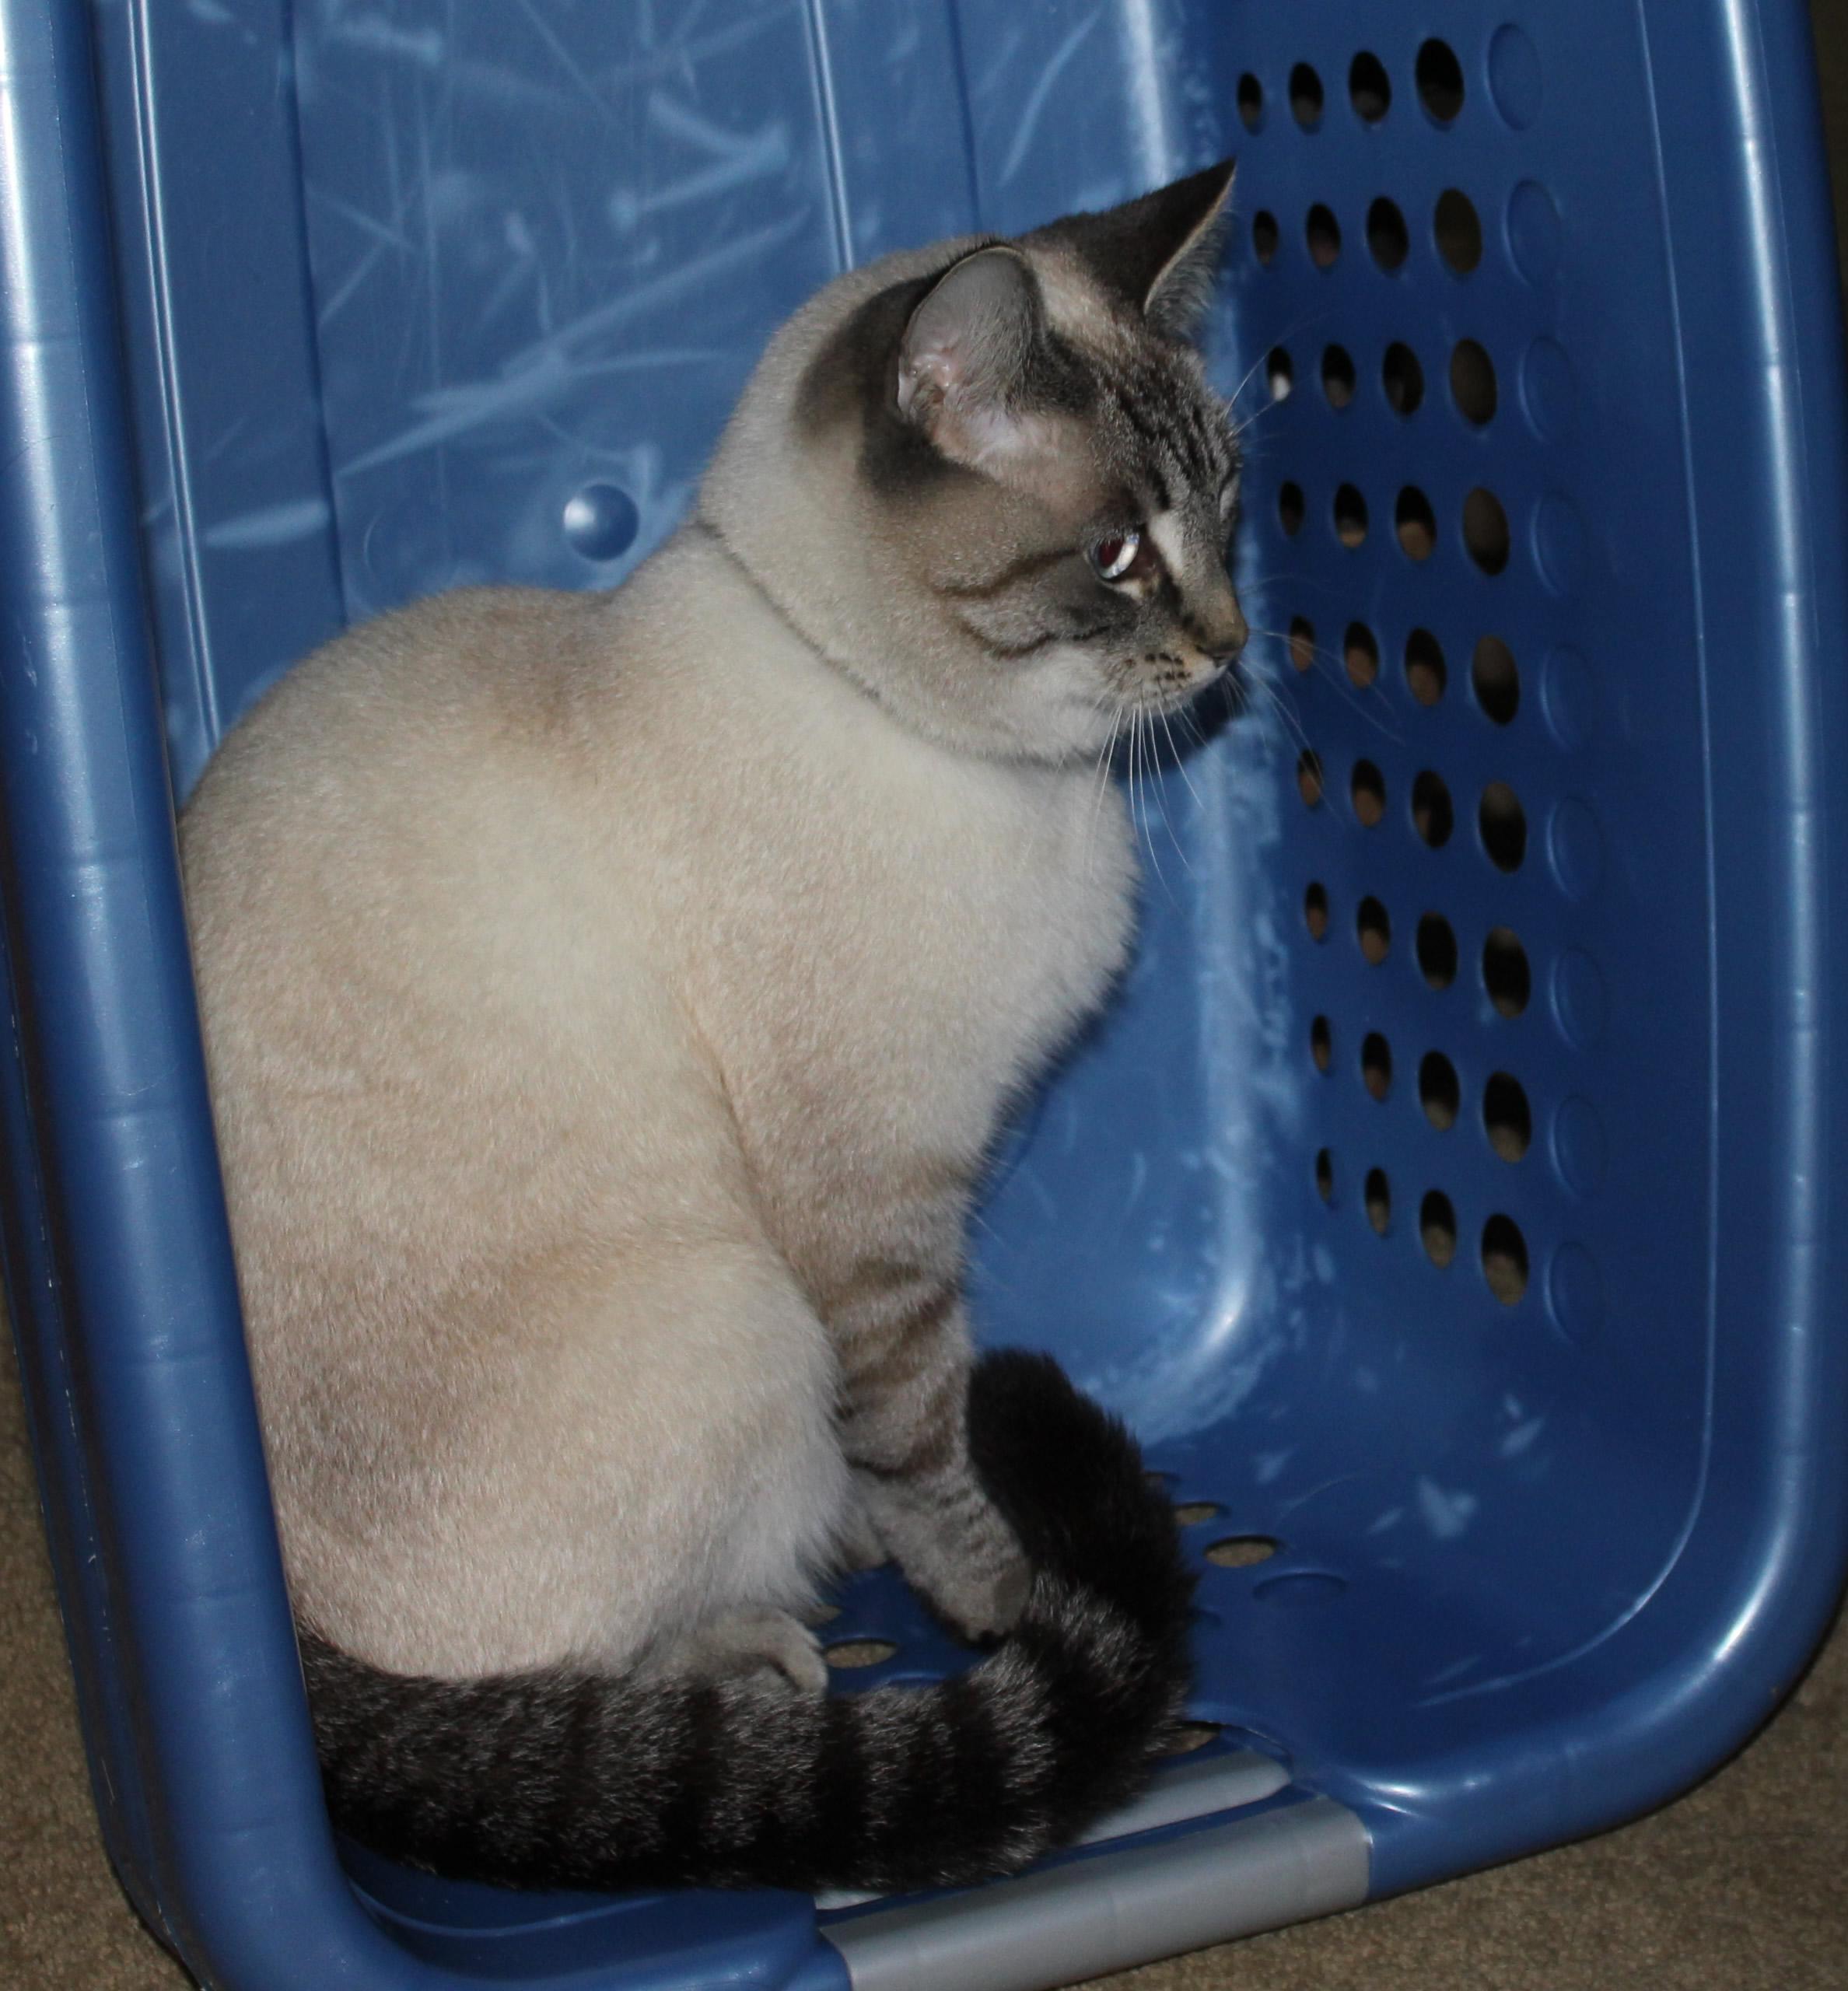 IMG_9397-crop Aqua laundry basket